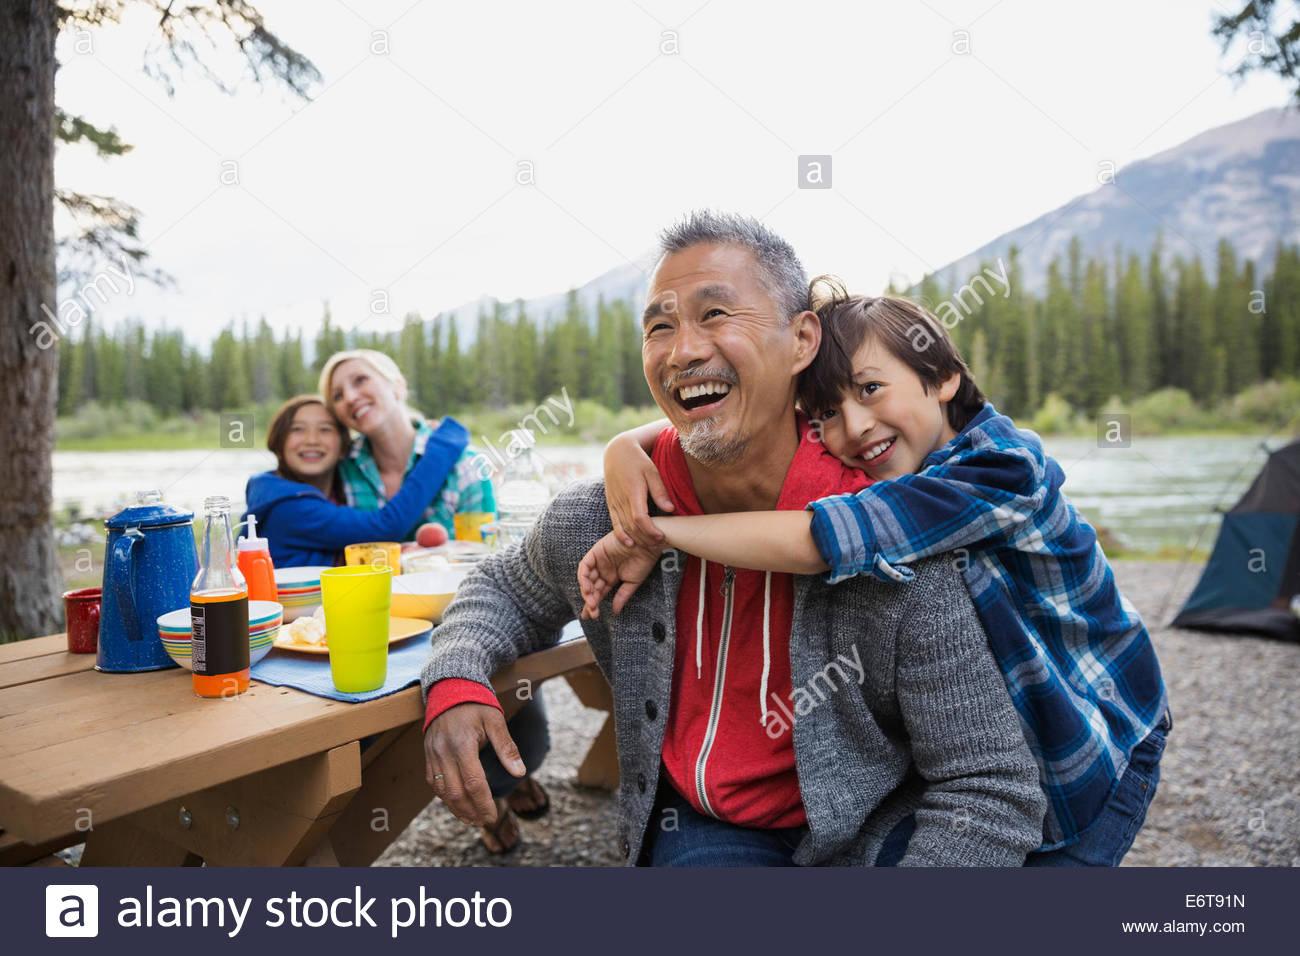 Família juntos no parque de campismo relaxante Imagens de Stock